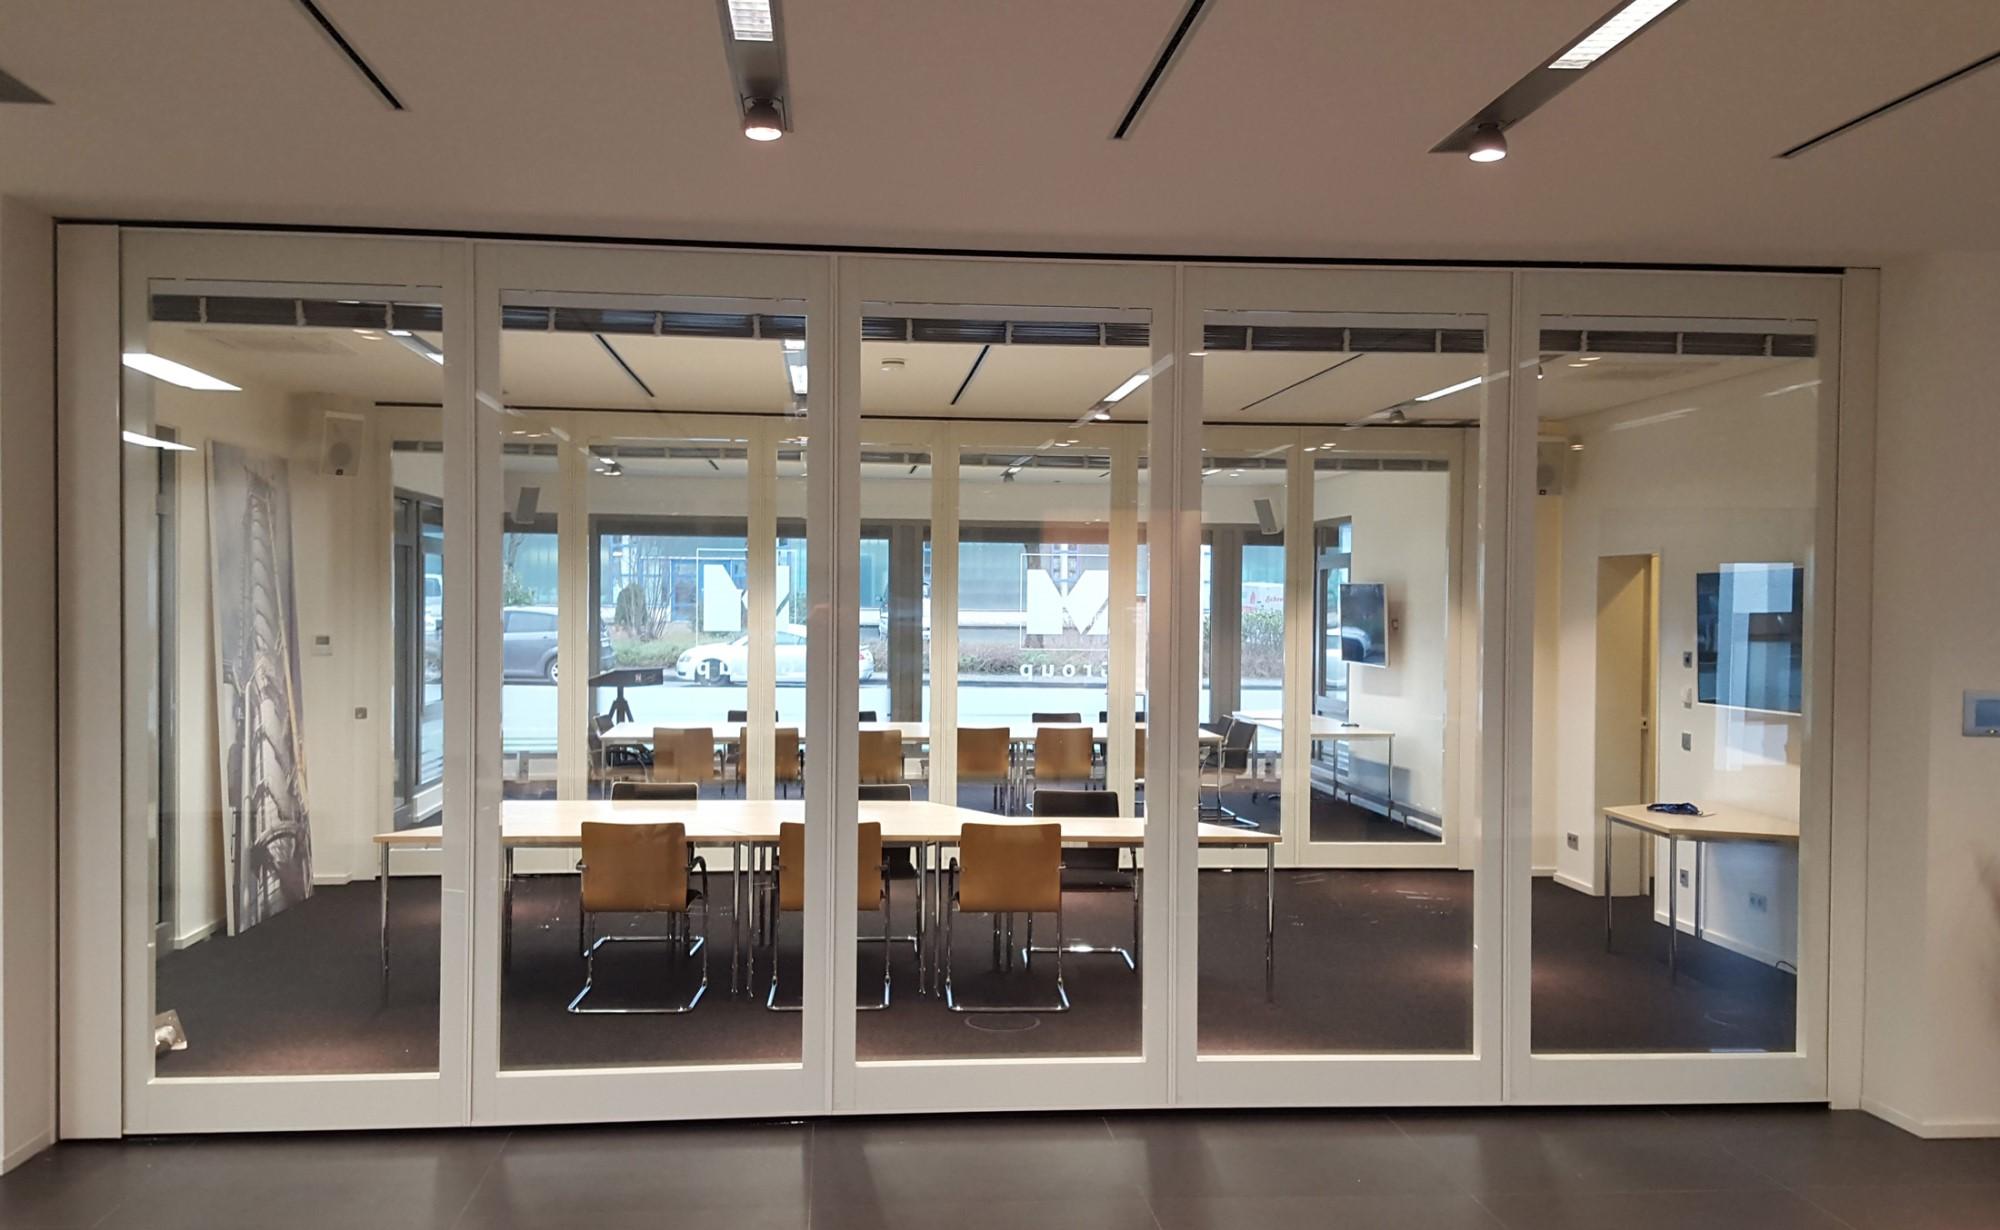 mur mobile vitré acoustique - cloison vitrée mobile Movista